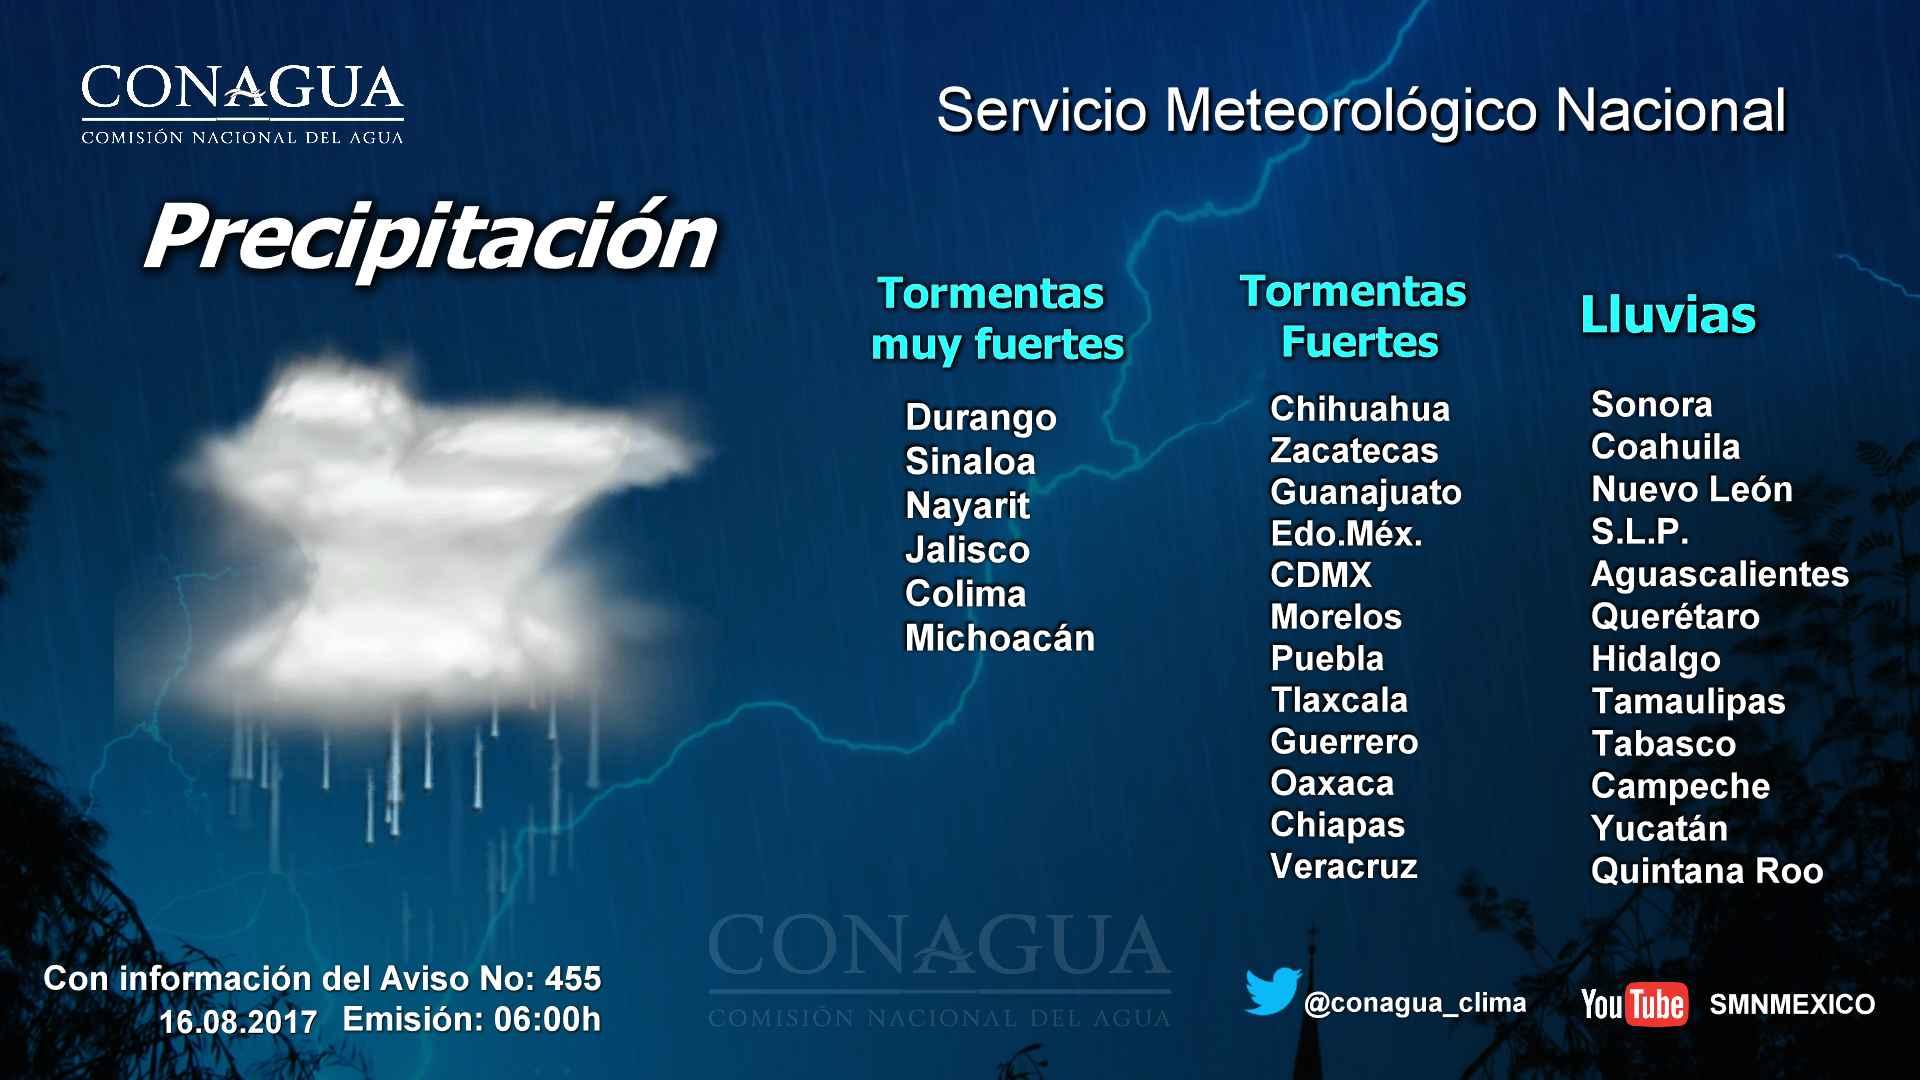 Tormentas fuertes con puntuales muy fuertes (50 a 75 mm) en Michoacán, este miércoles